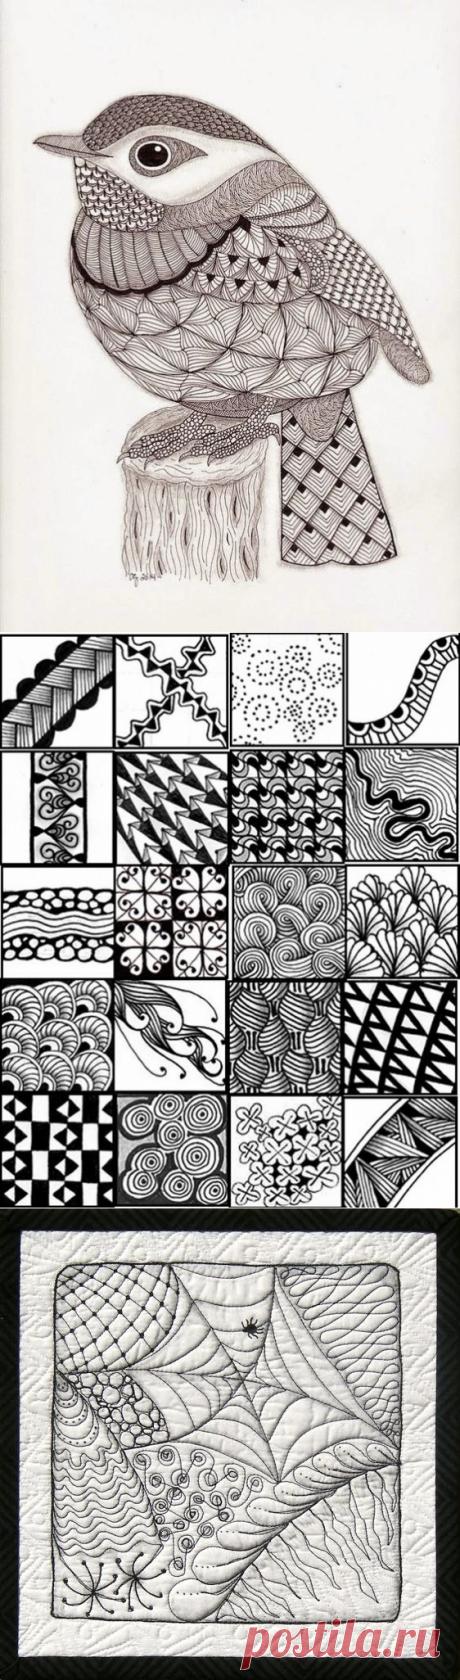 Что такое зентангл, и как его применять в рукоделии? Советы и идеи для вдохновения